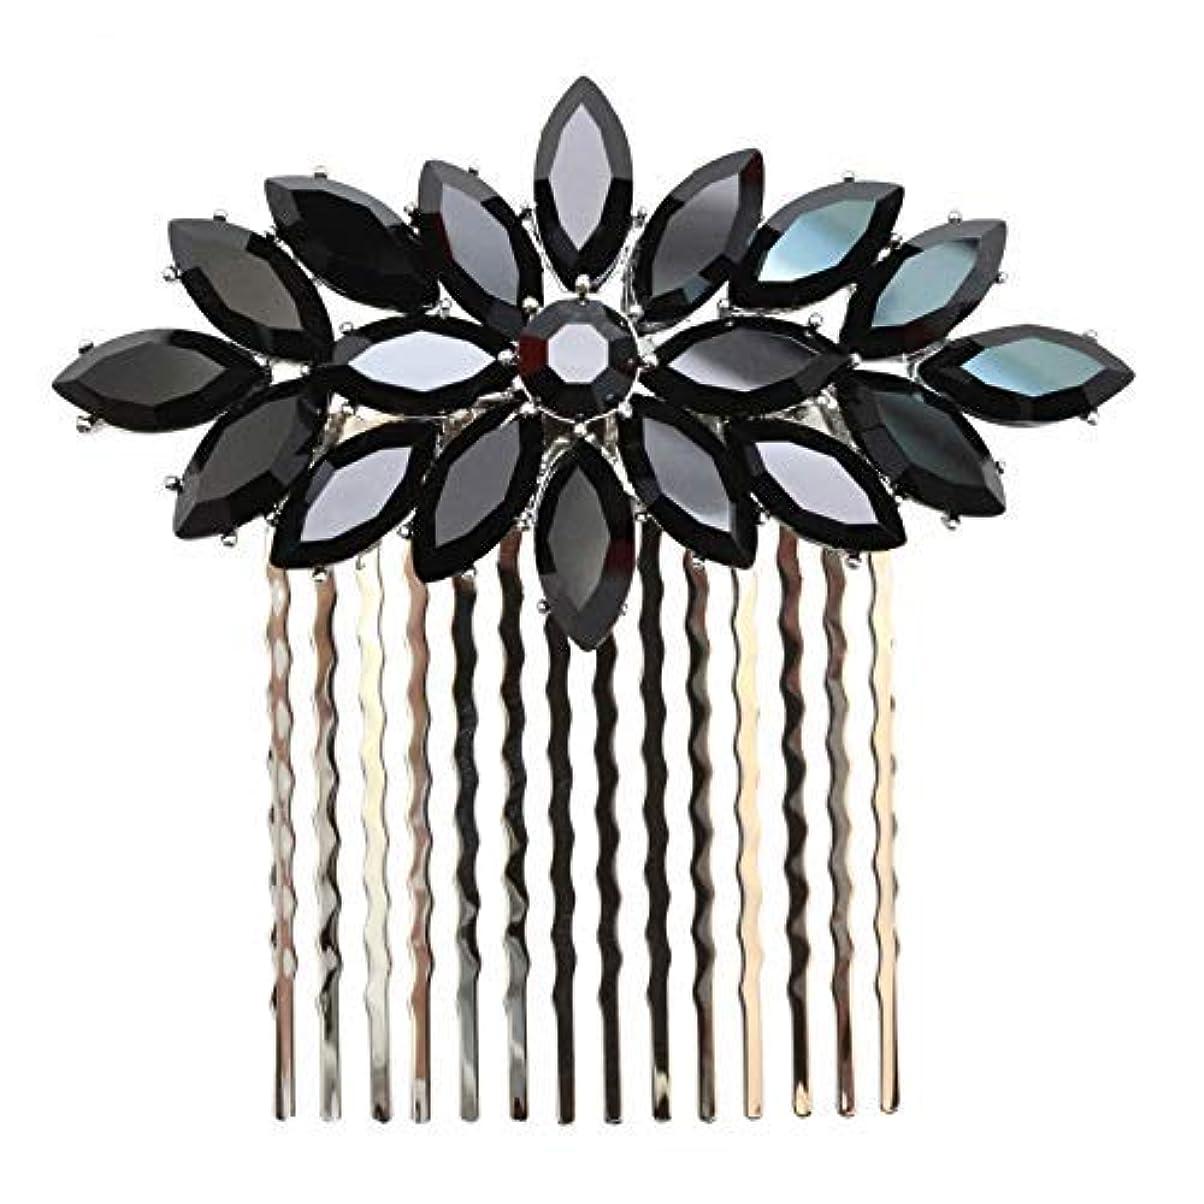 除外する除外する島Faship Black Rhinestone Crystal Floral Hair Comb [並行輸入品]